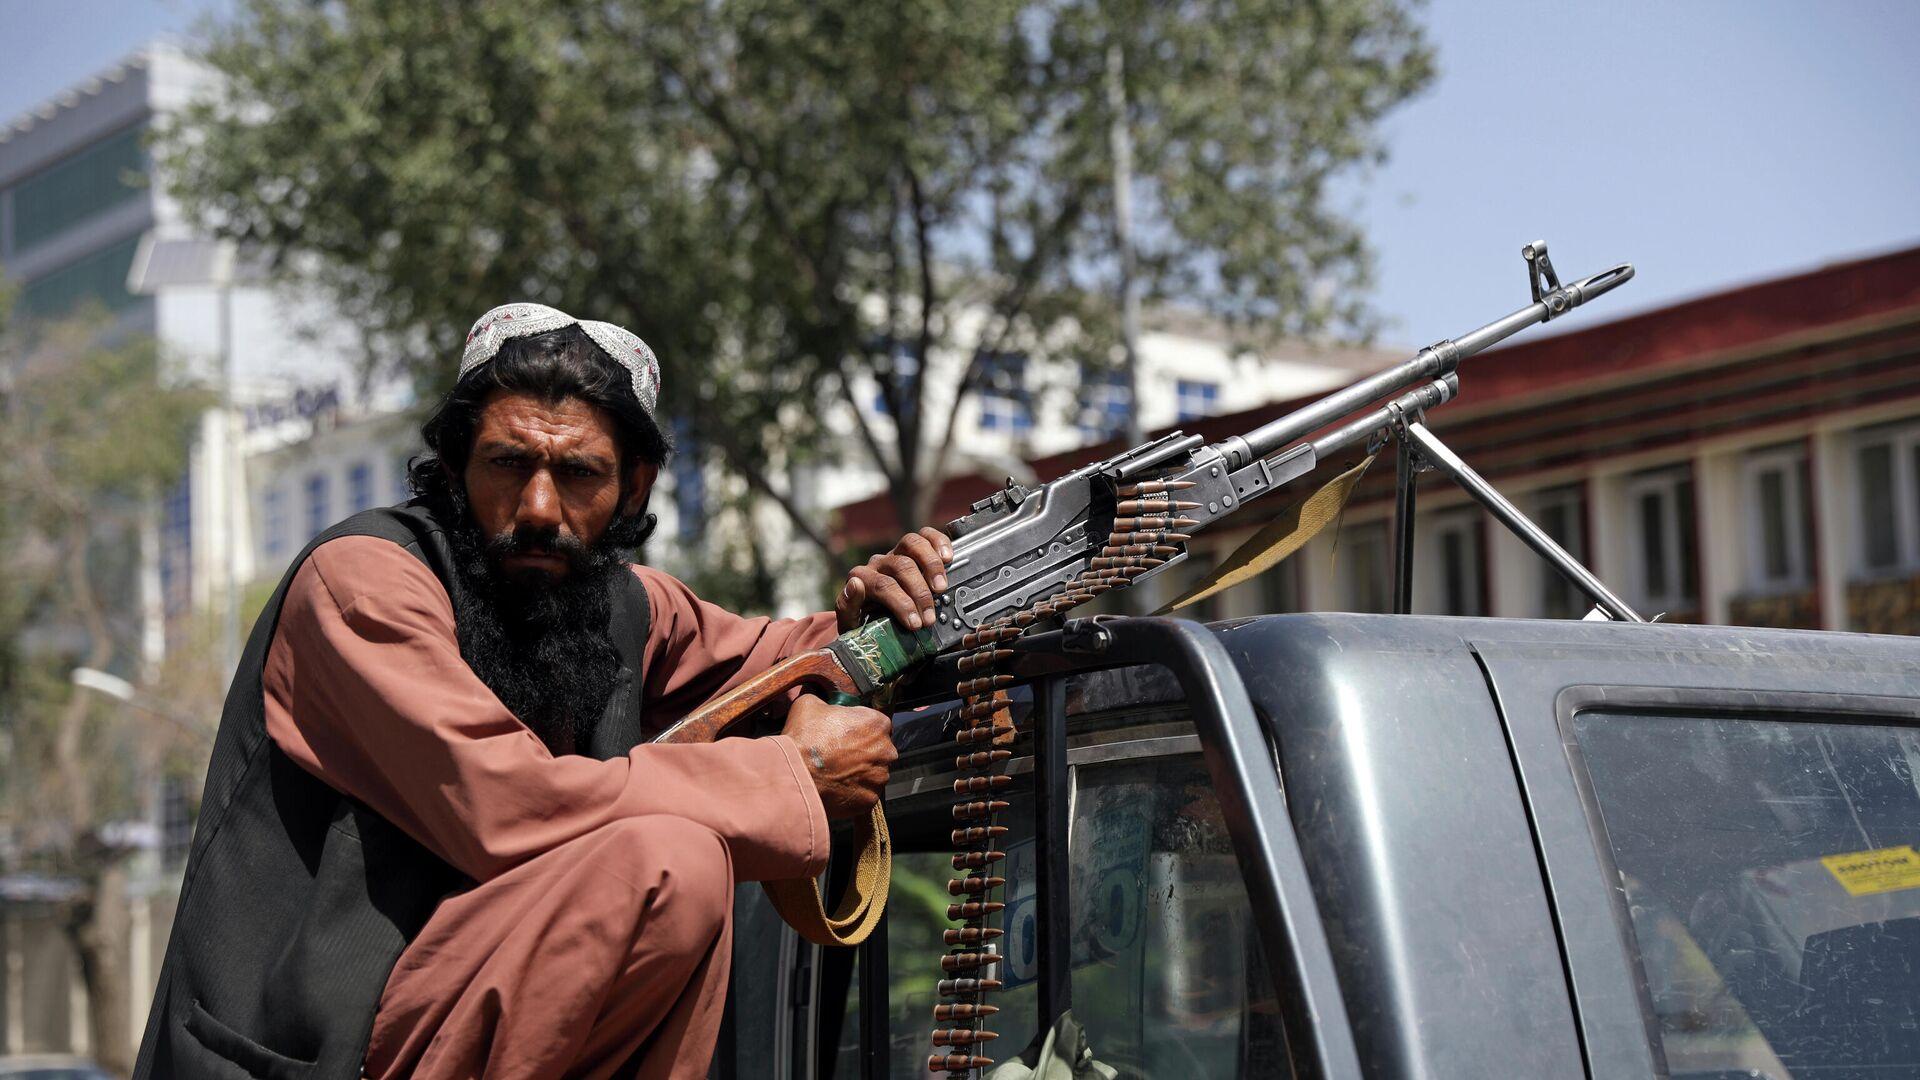 Боевики Талибана патрулируют район Вазир Акбар Хан в городе Кабул, Афганистан - Sputnik Таджикистан, 1920, 02.09.2021